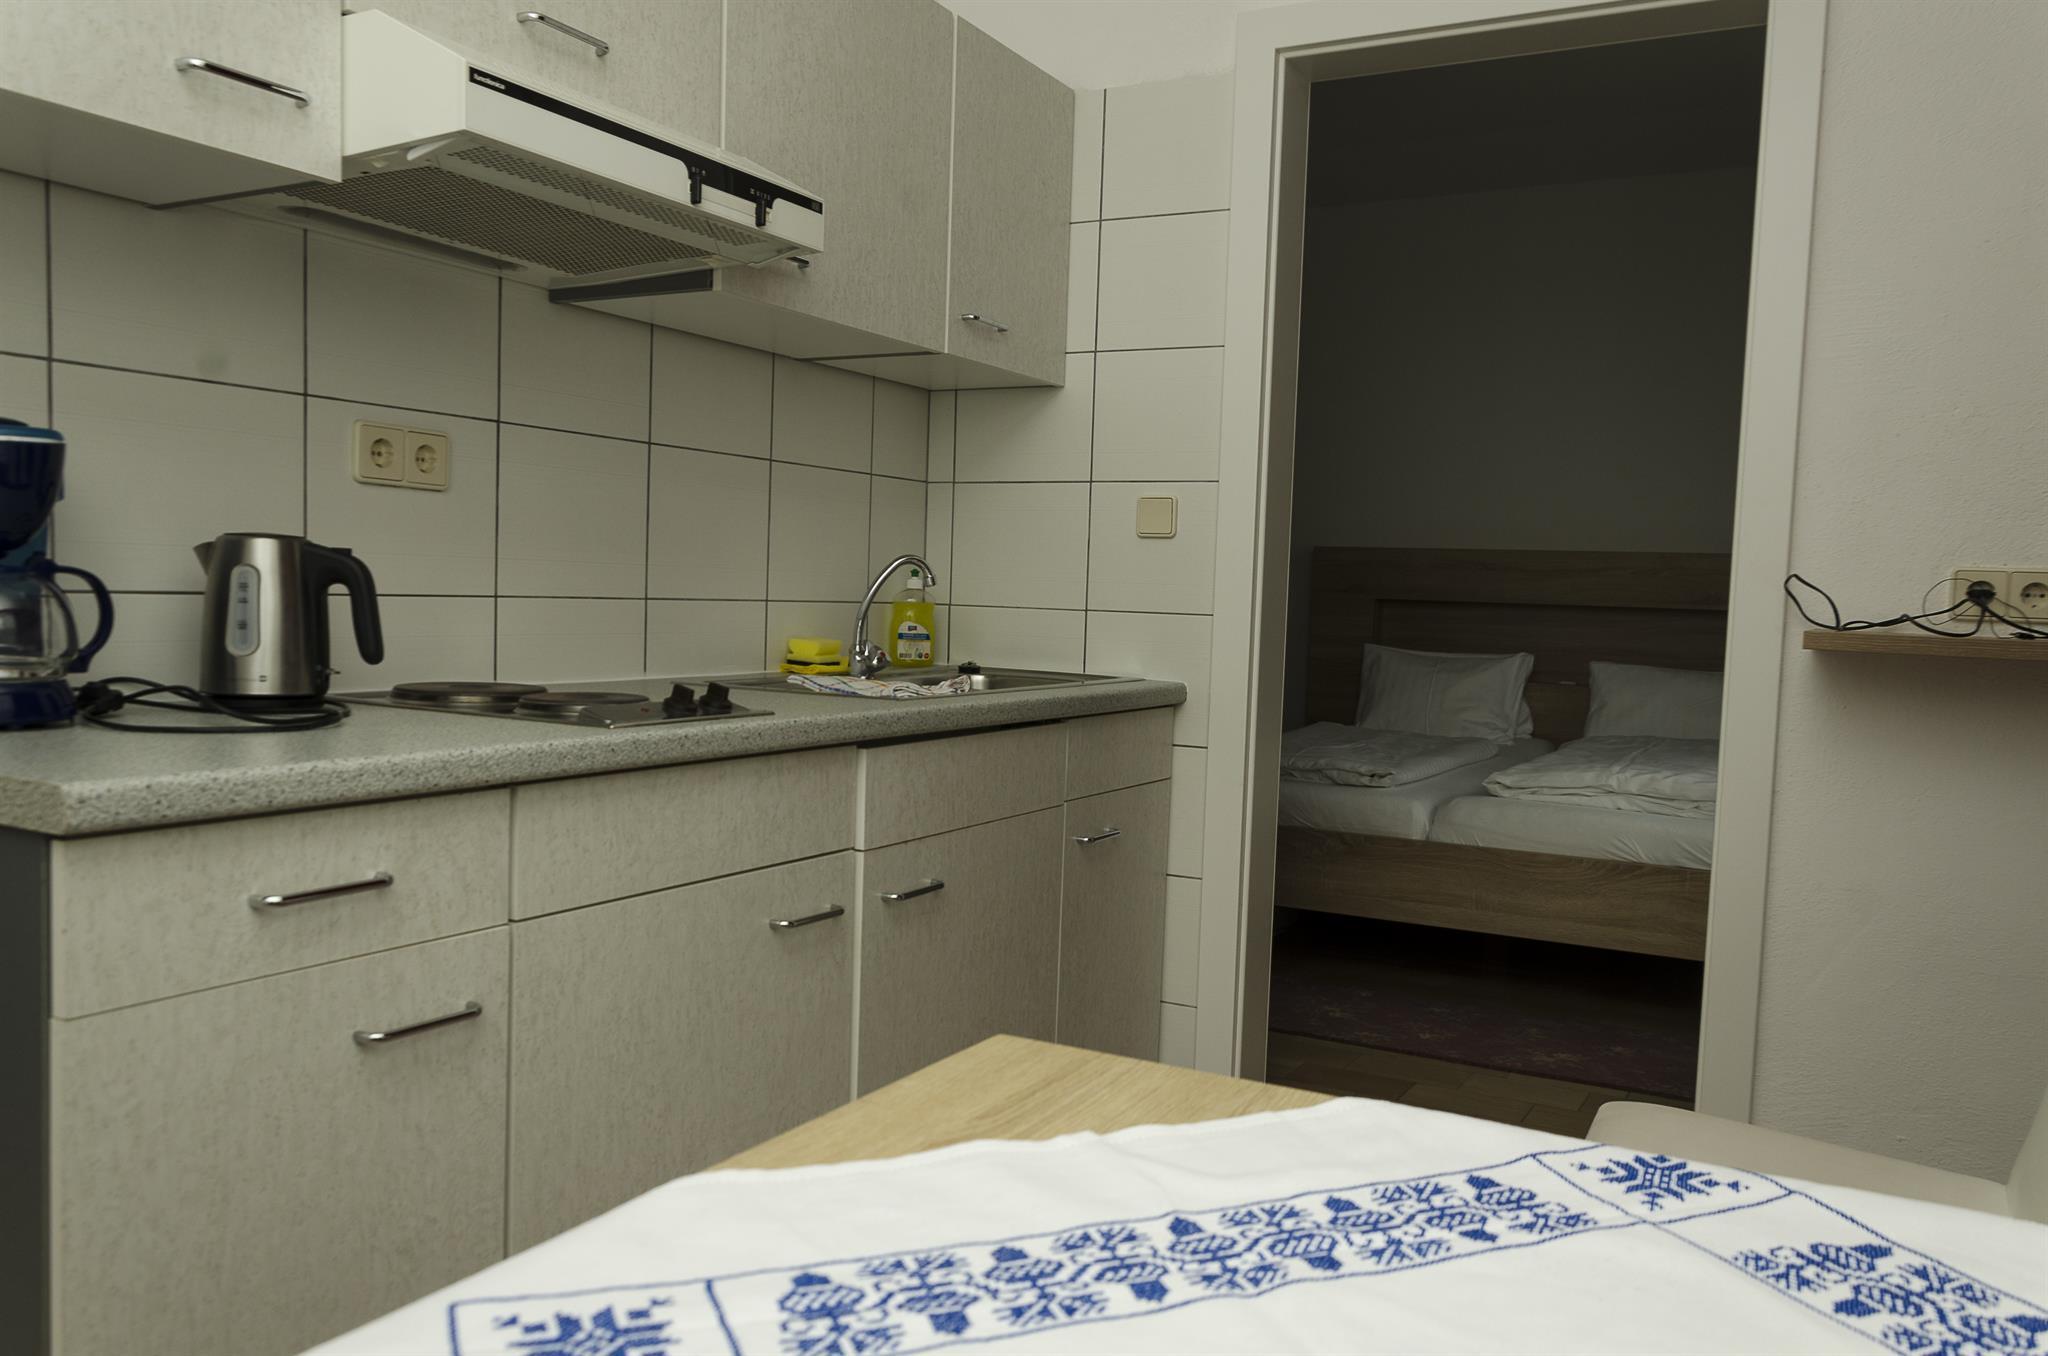 Ferienwohnung Rosenhof Appartementhaus Appartement 30m² (2008887), Podersdorf am See, Neusiedler See, Burgenland, Österreich, Bild 13